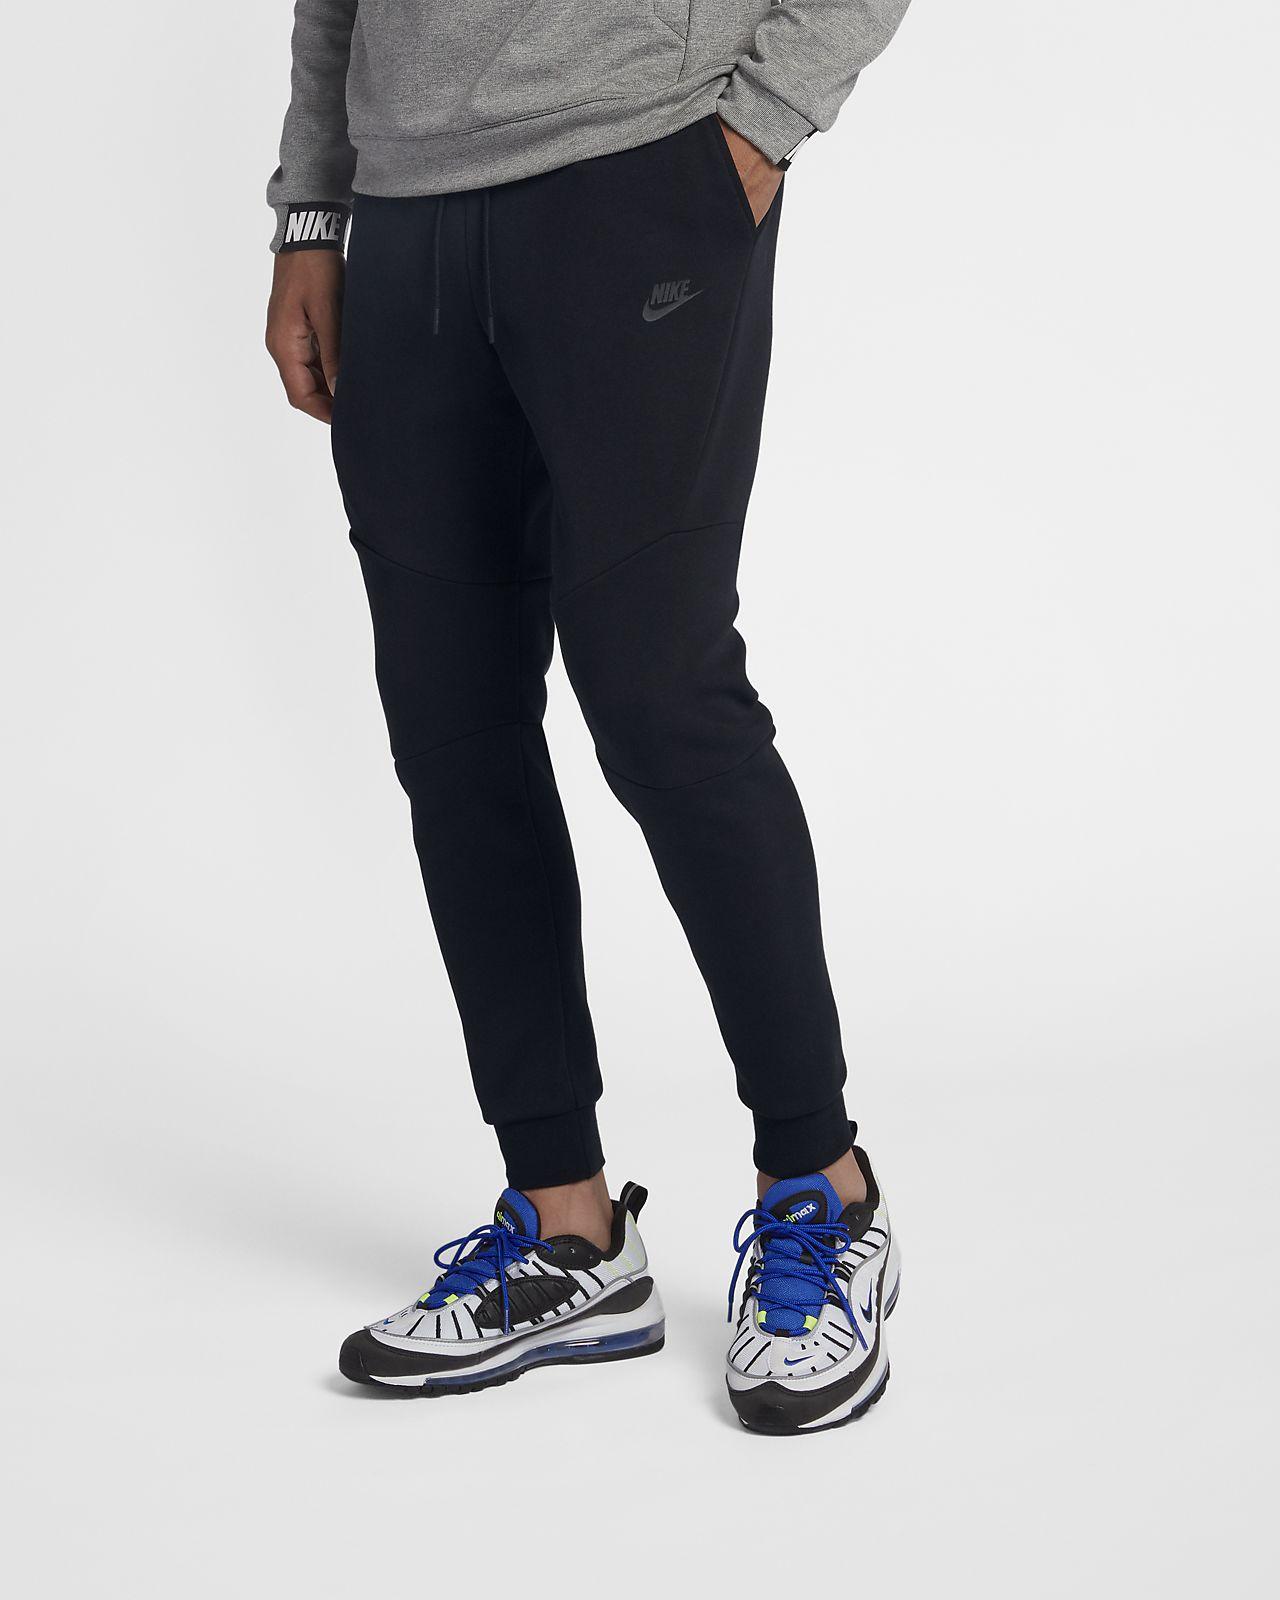 Nike Sportswear Tech Fleece 男款休閒褲